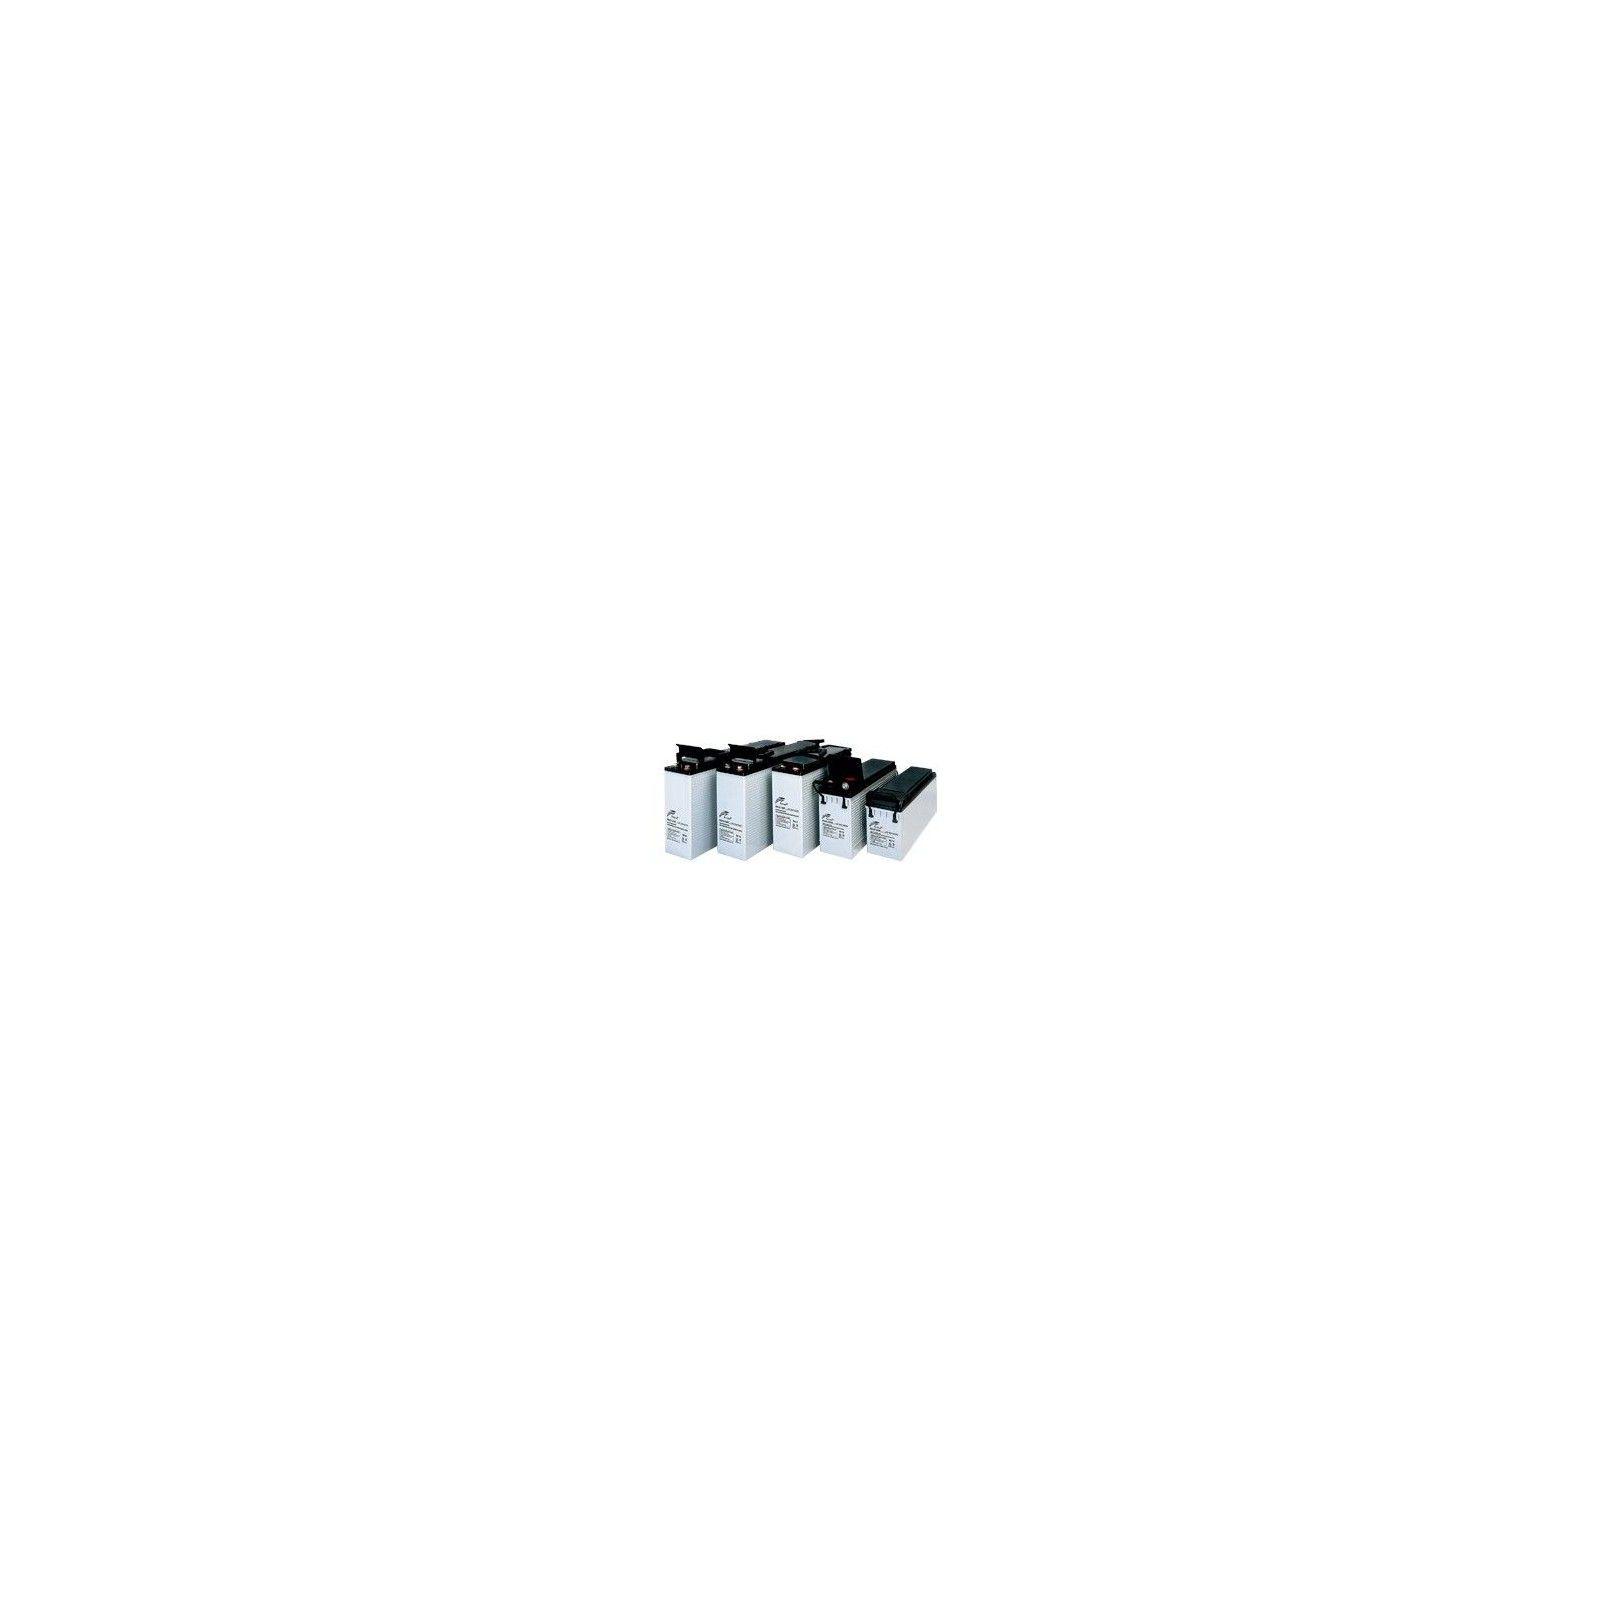 Batería Ritar FT12-185 185Ah 12V Ft RITAR - 1